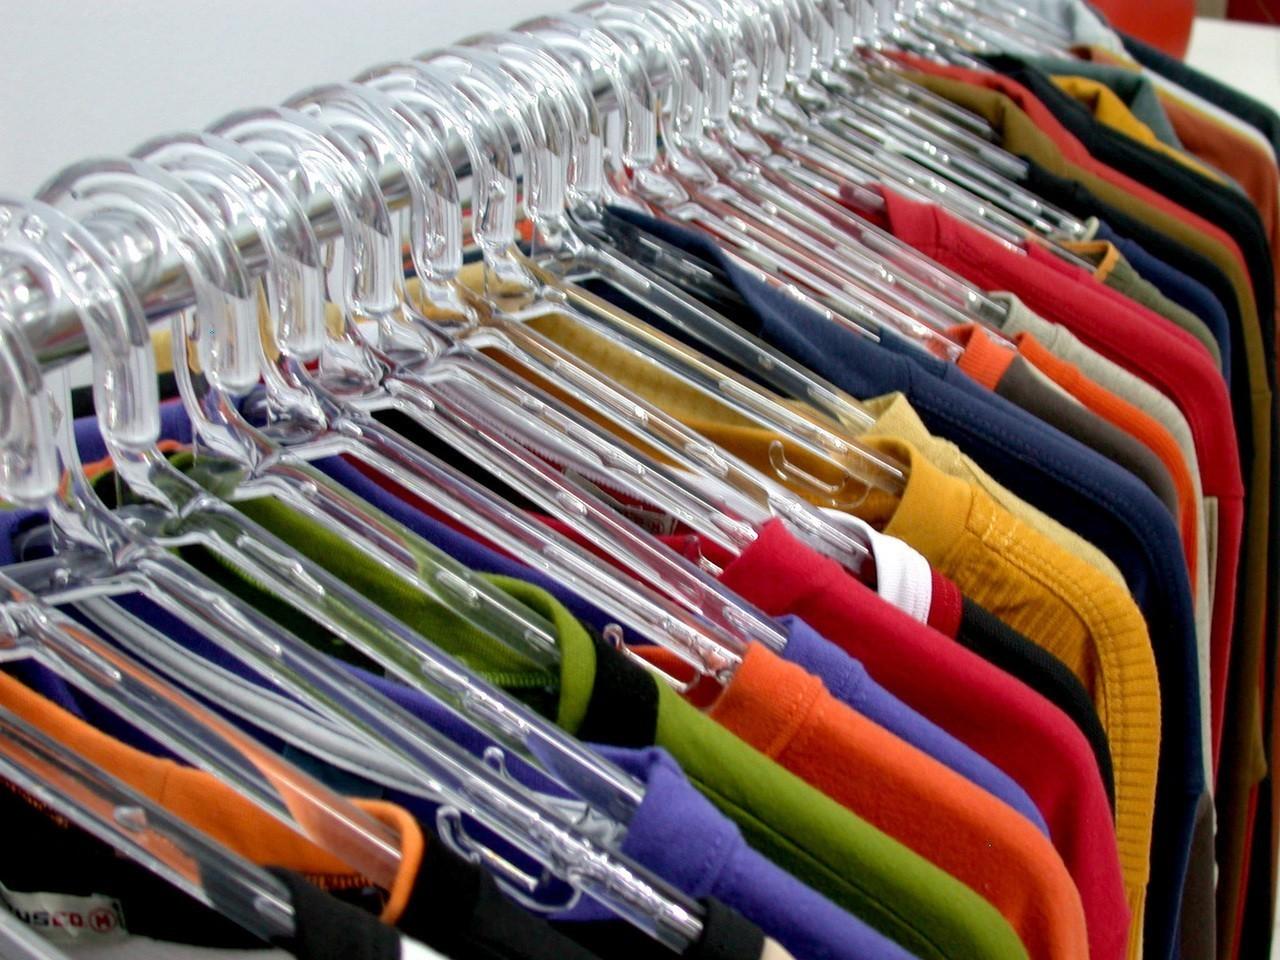 Jak układać ubrania?